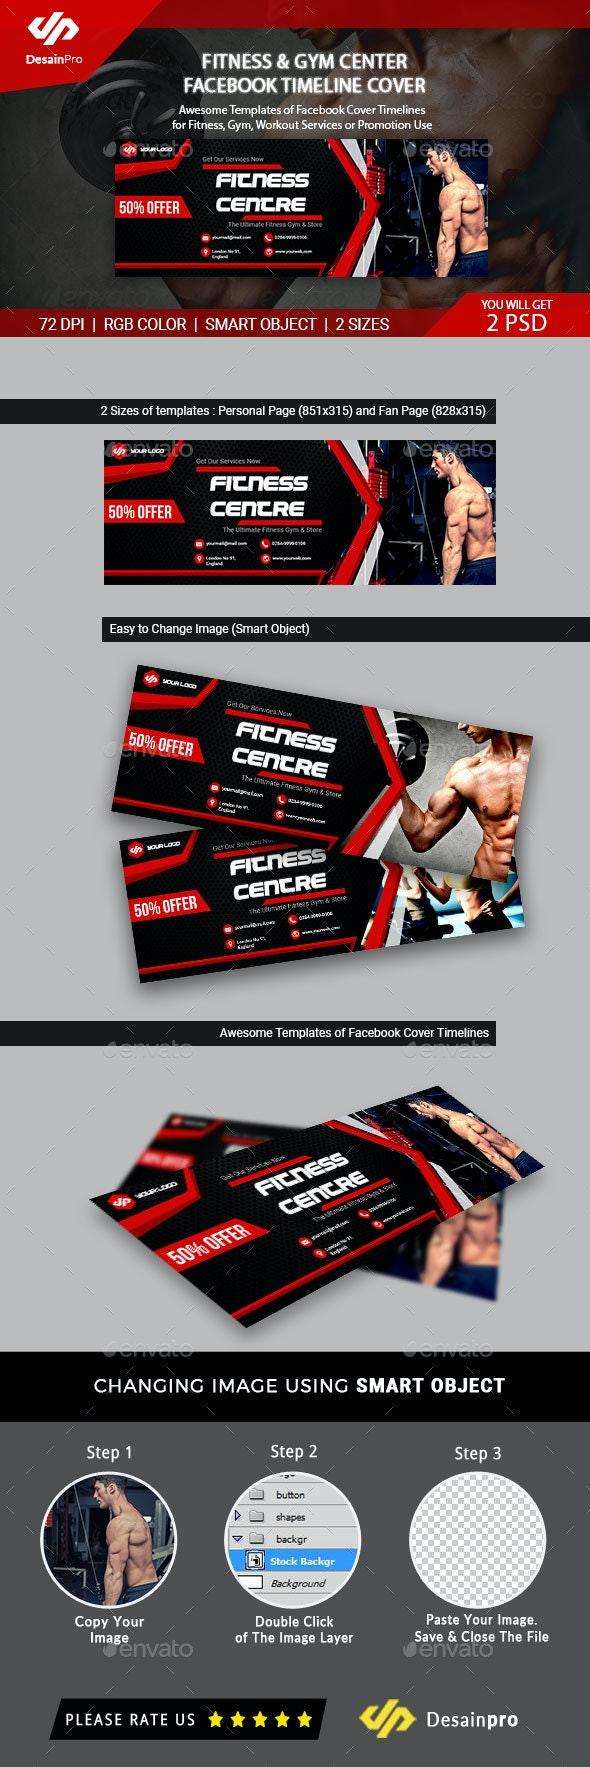 Fitness & Gym Facebook Cover Timeline - AR - Facebook Timeline Covers Social Media